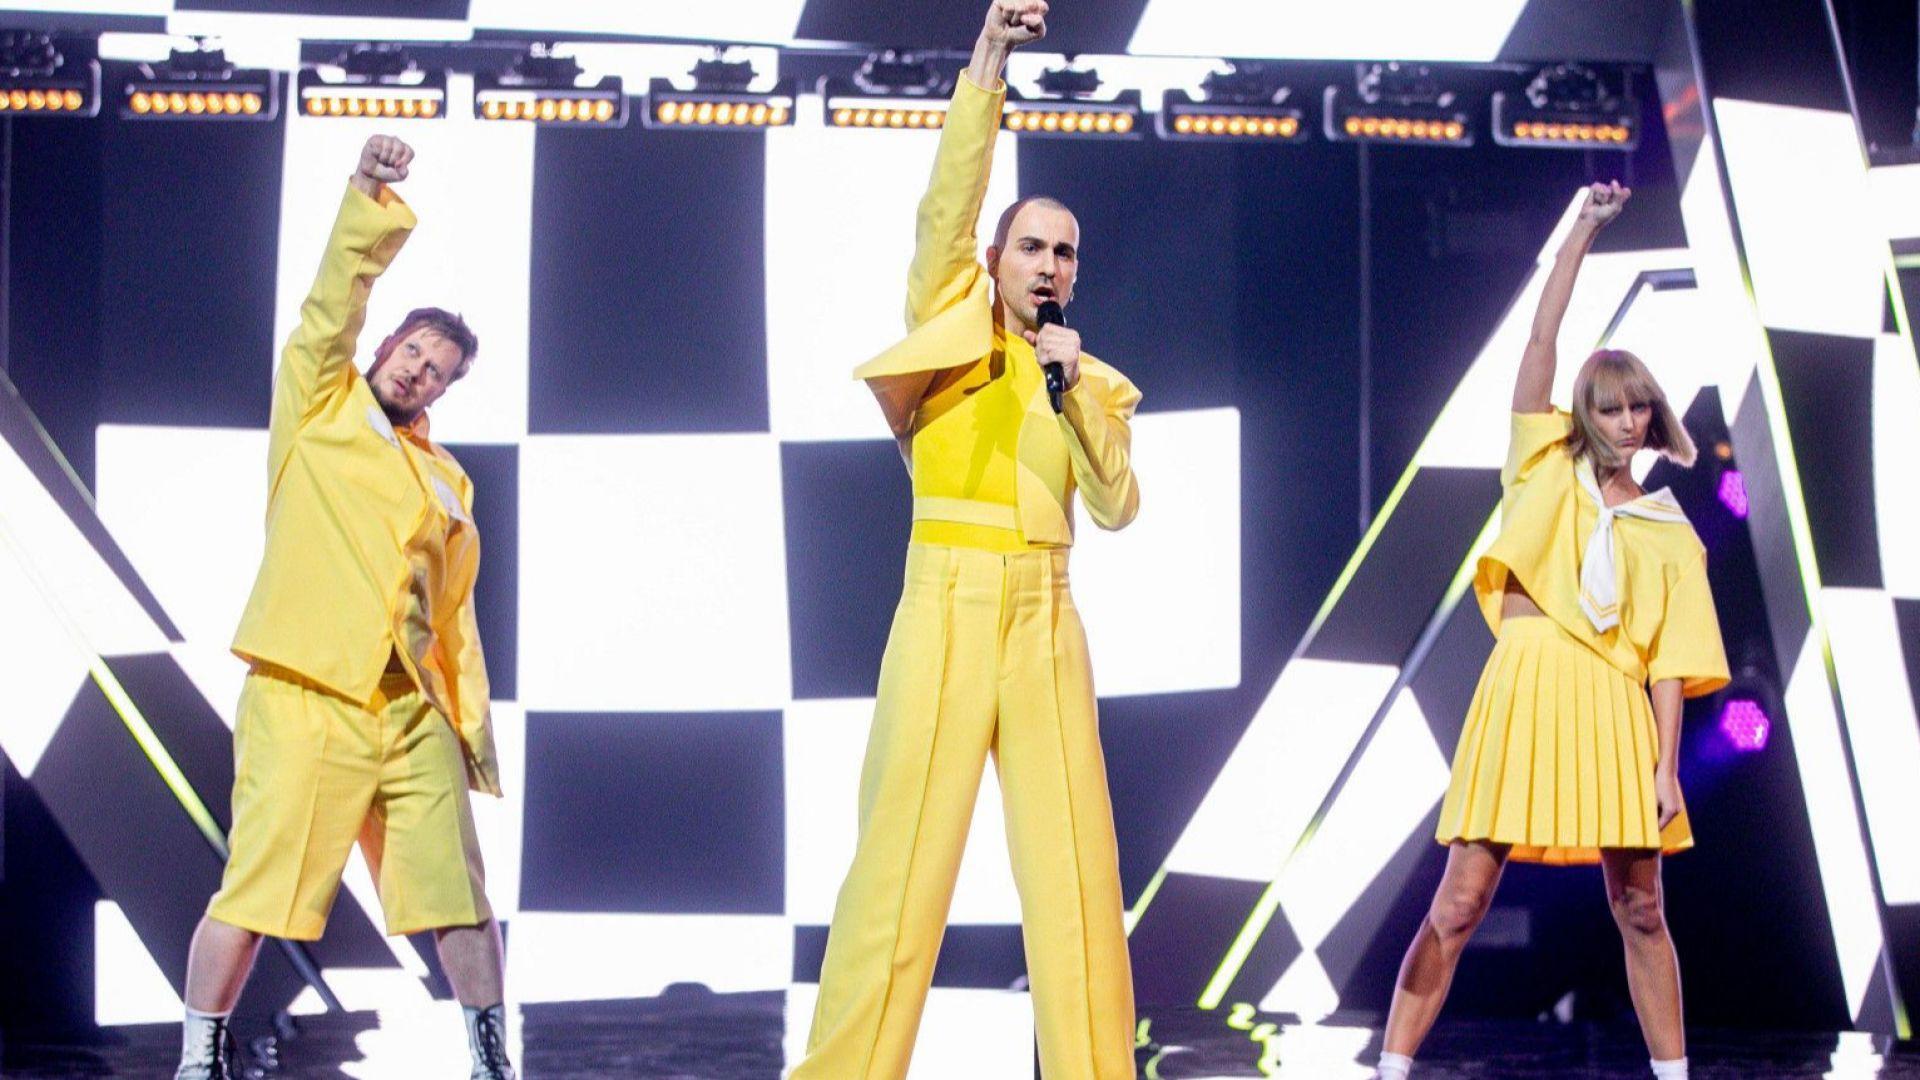 Франция, Литва и Украйна представиха песните си за Евровизия 2021